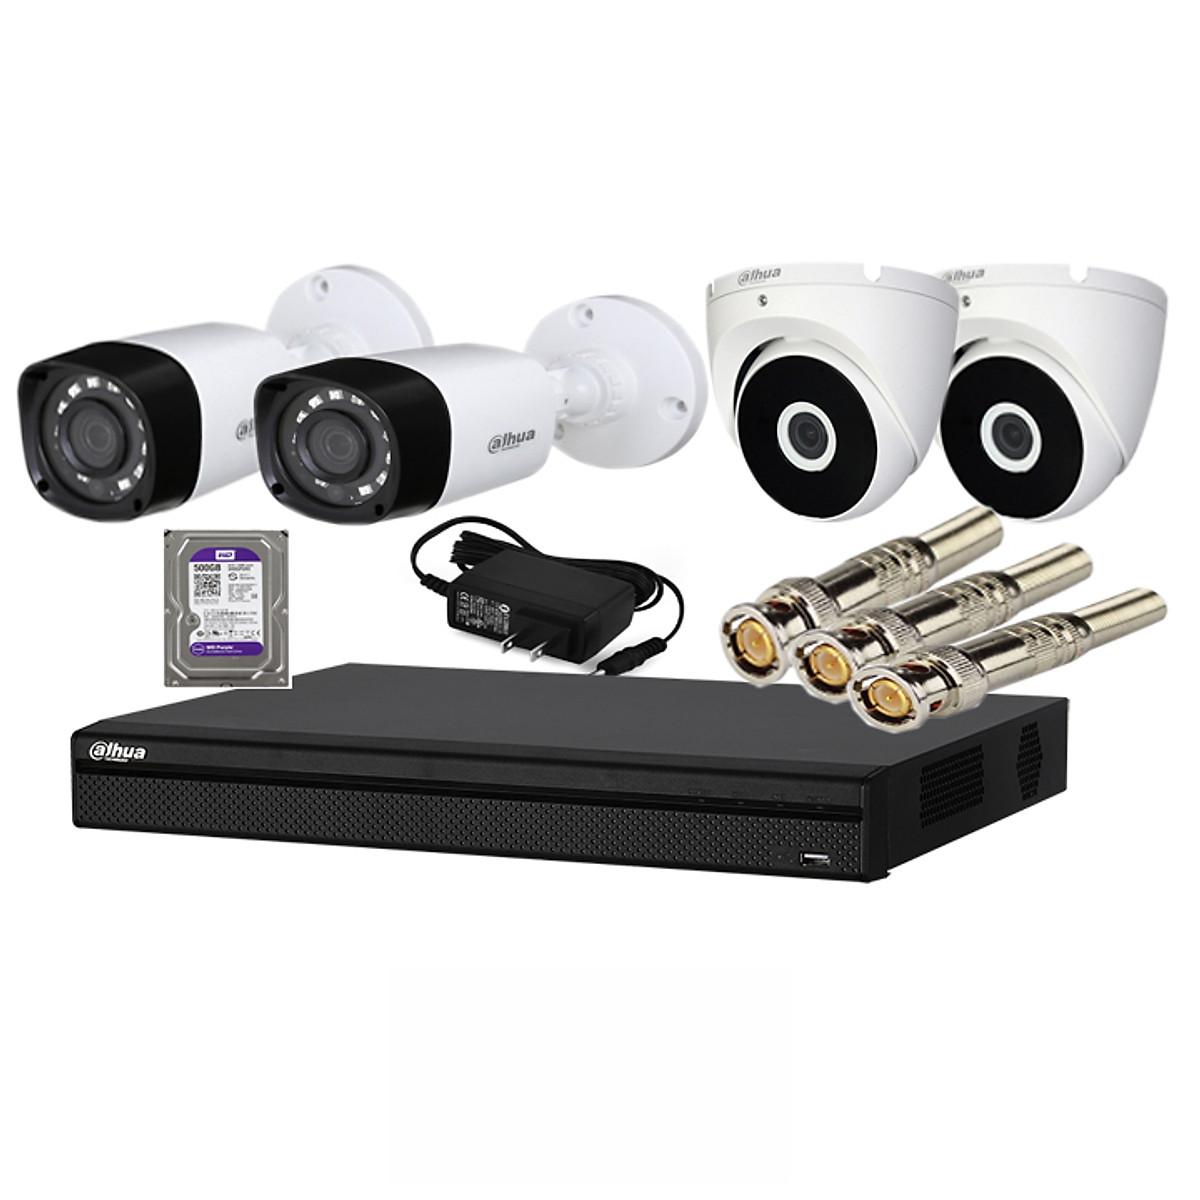 Trọn bộ 4 camera chính hãng Dahua HD1080